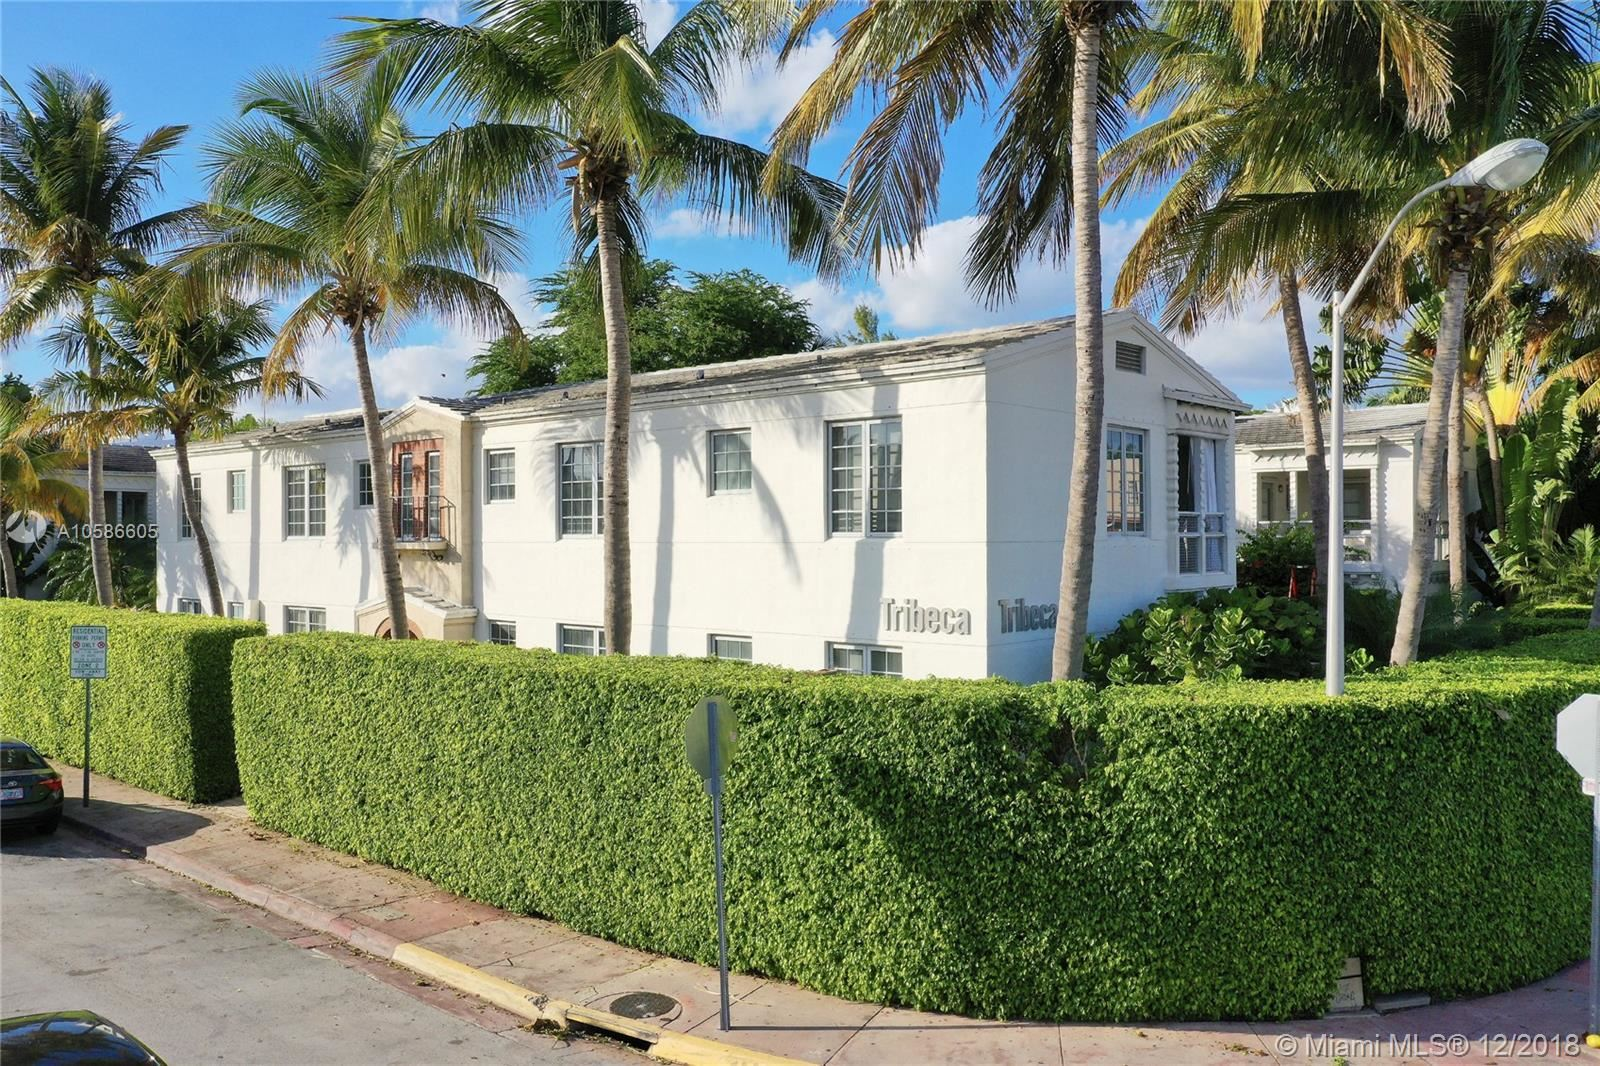 1057 15th St #21, Miami Beach, FL 33139 - #: A10586605